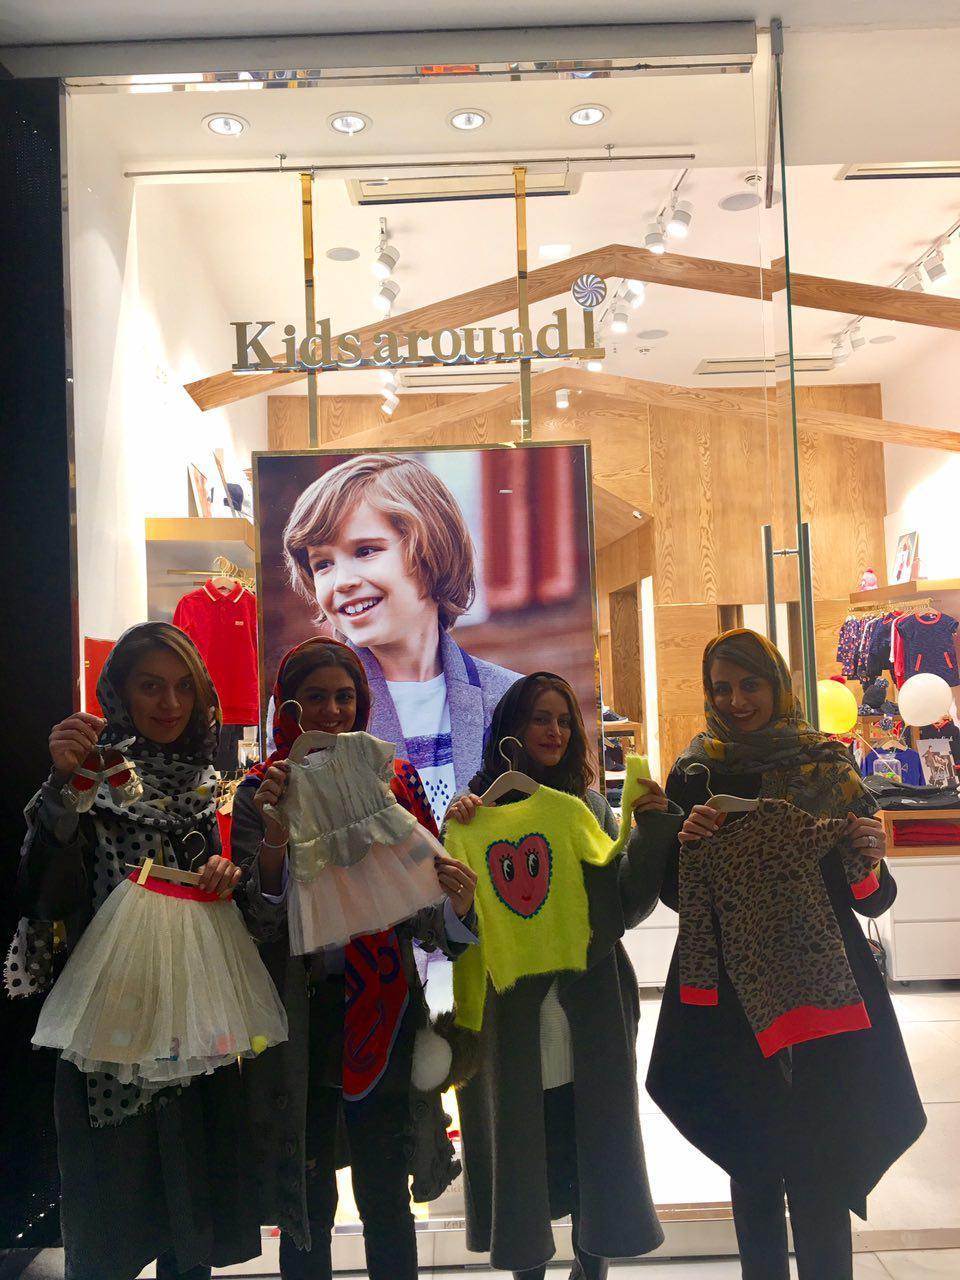 افتتاحیه اولین فروشگاه کیدز اراند